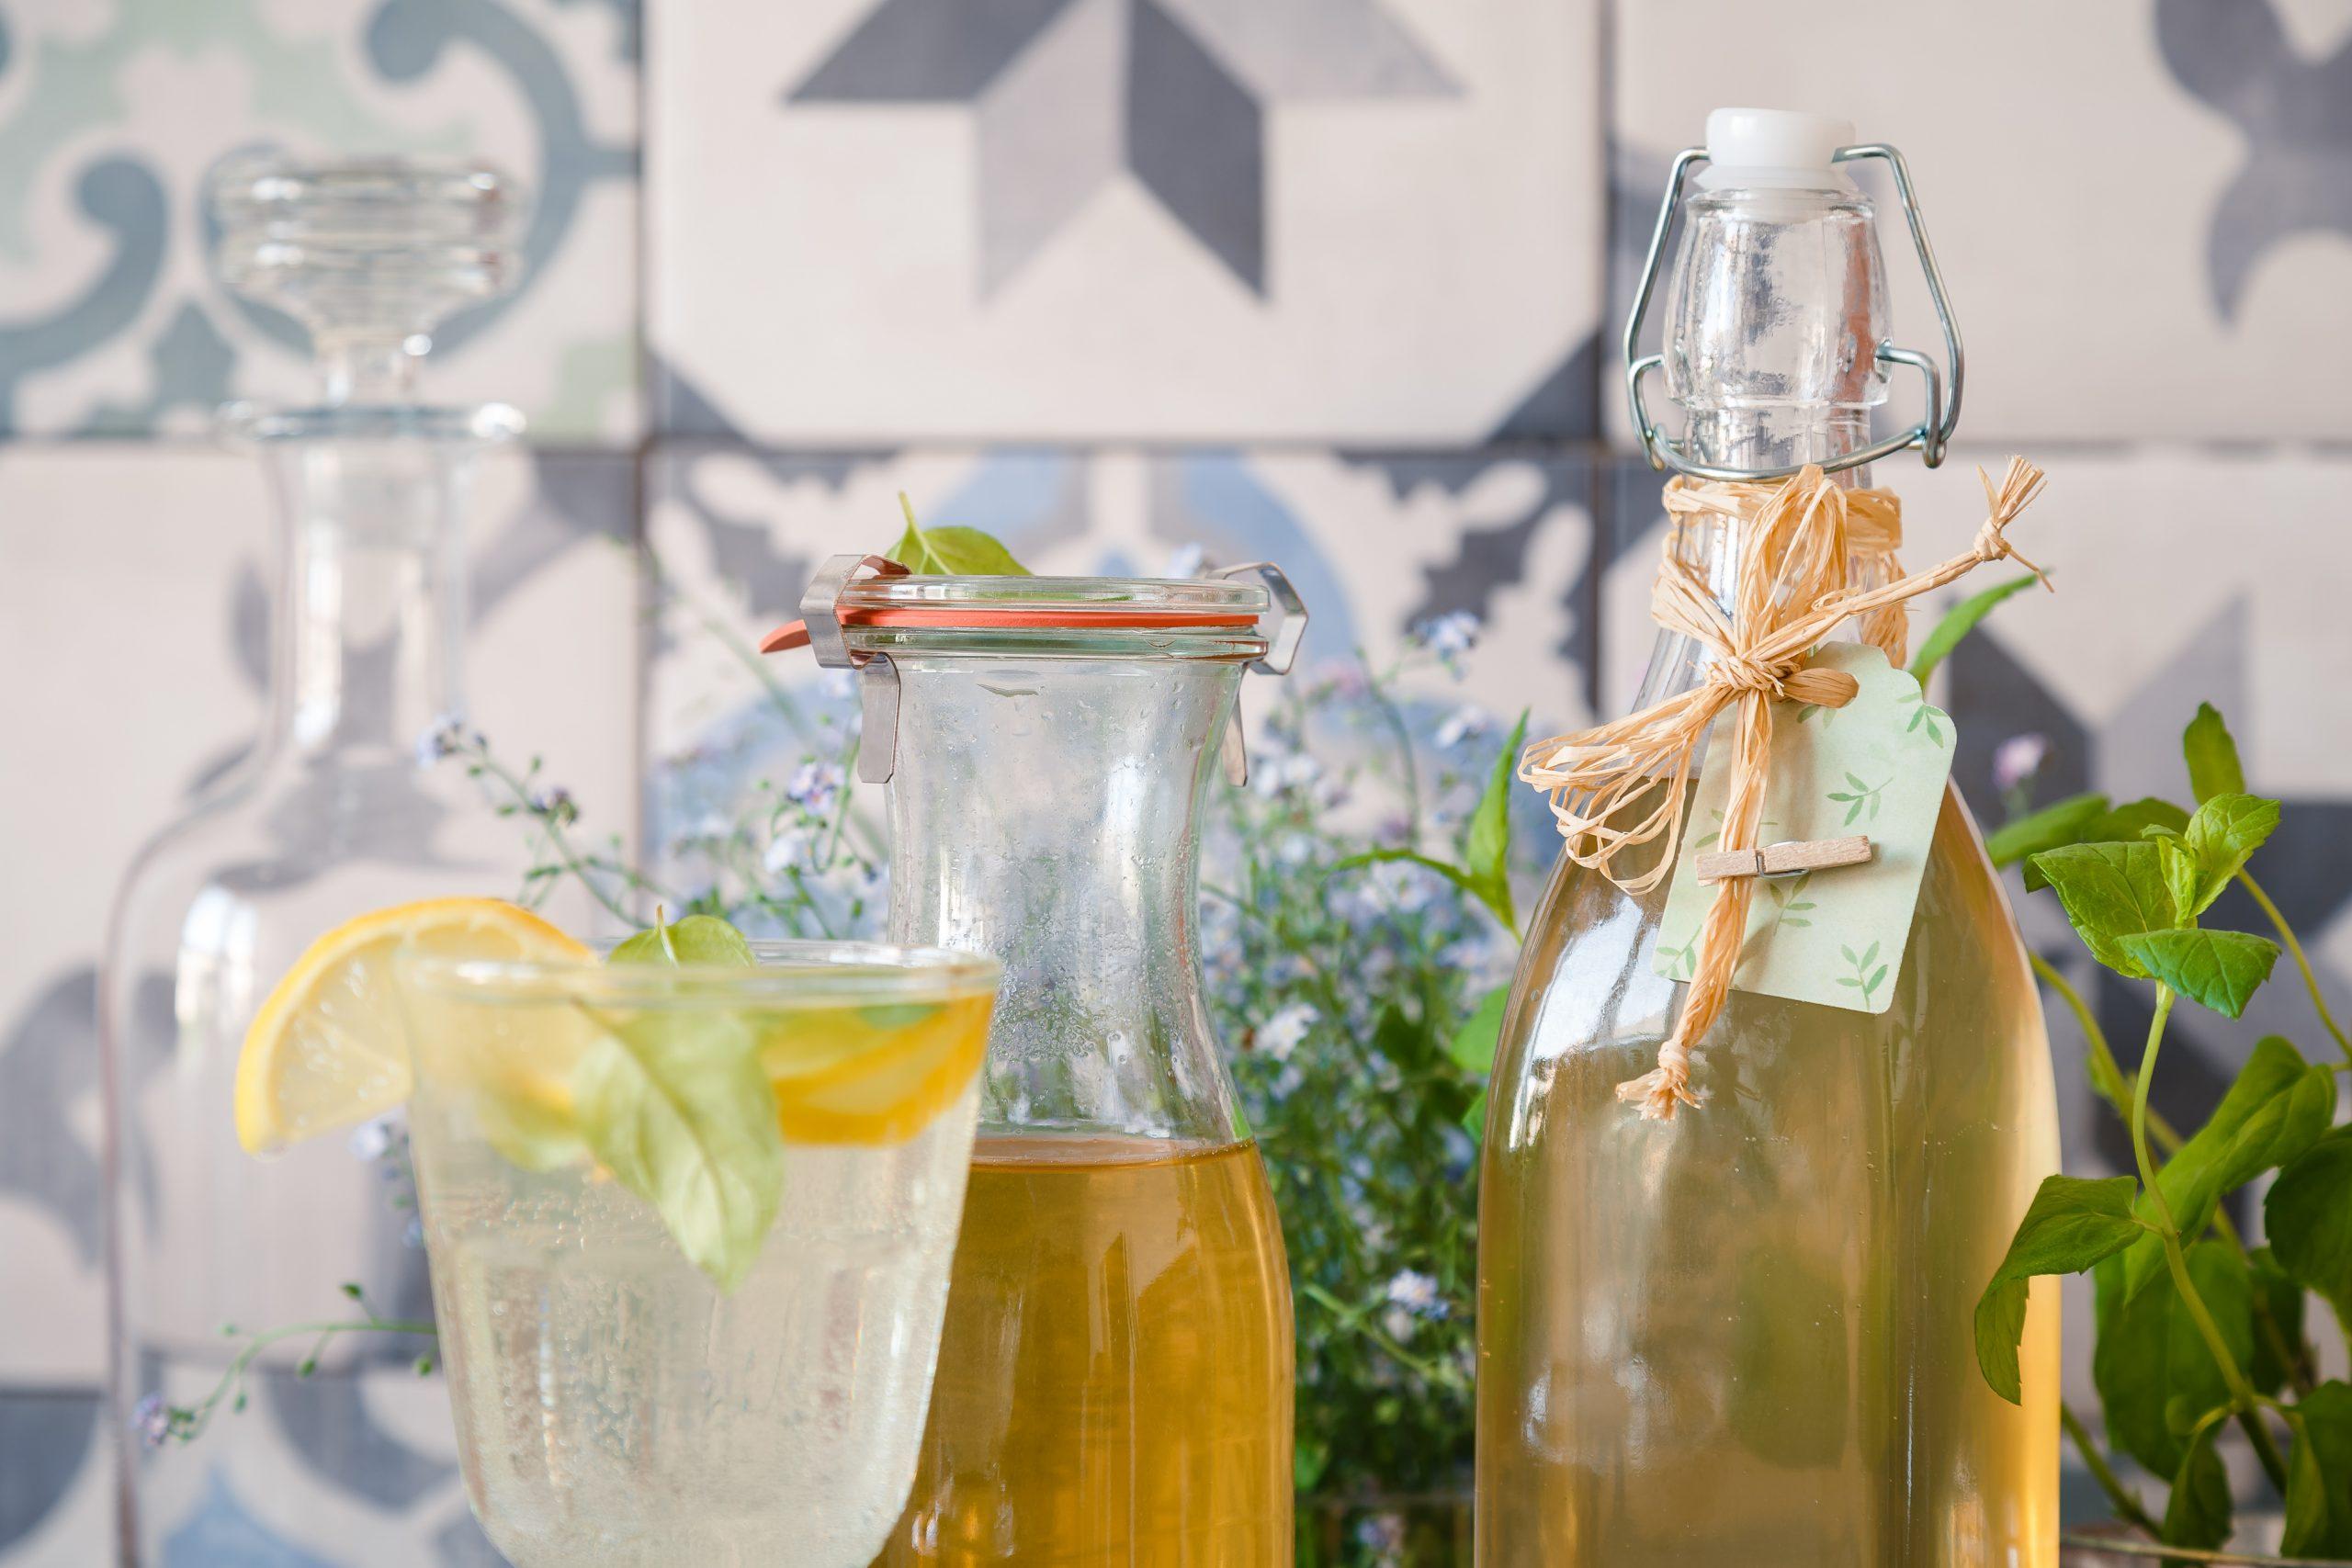 Mätový sirup do letných limonád